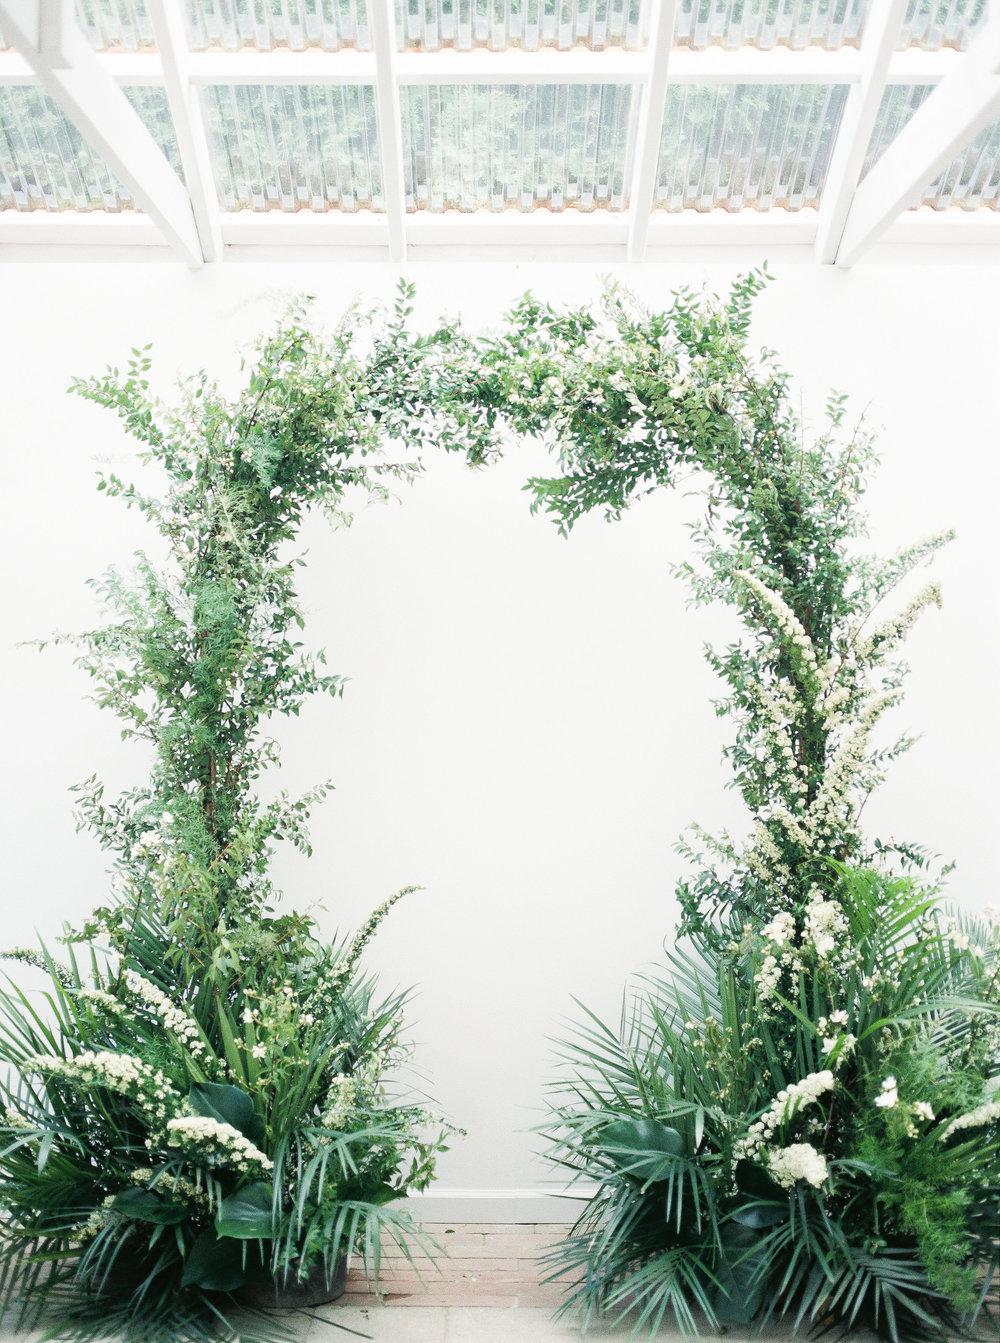 greenery wedding arch for wedding.jpg